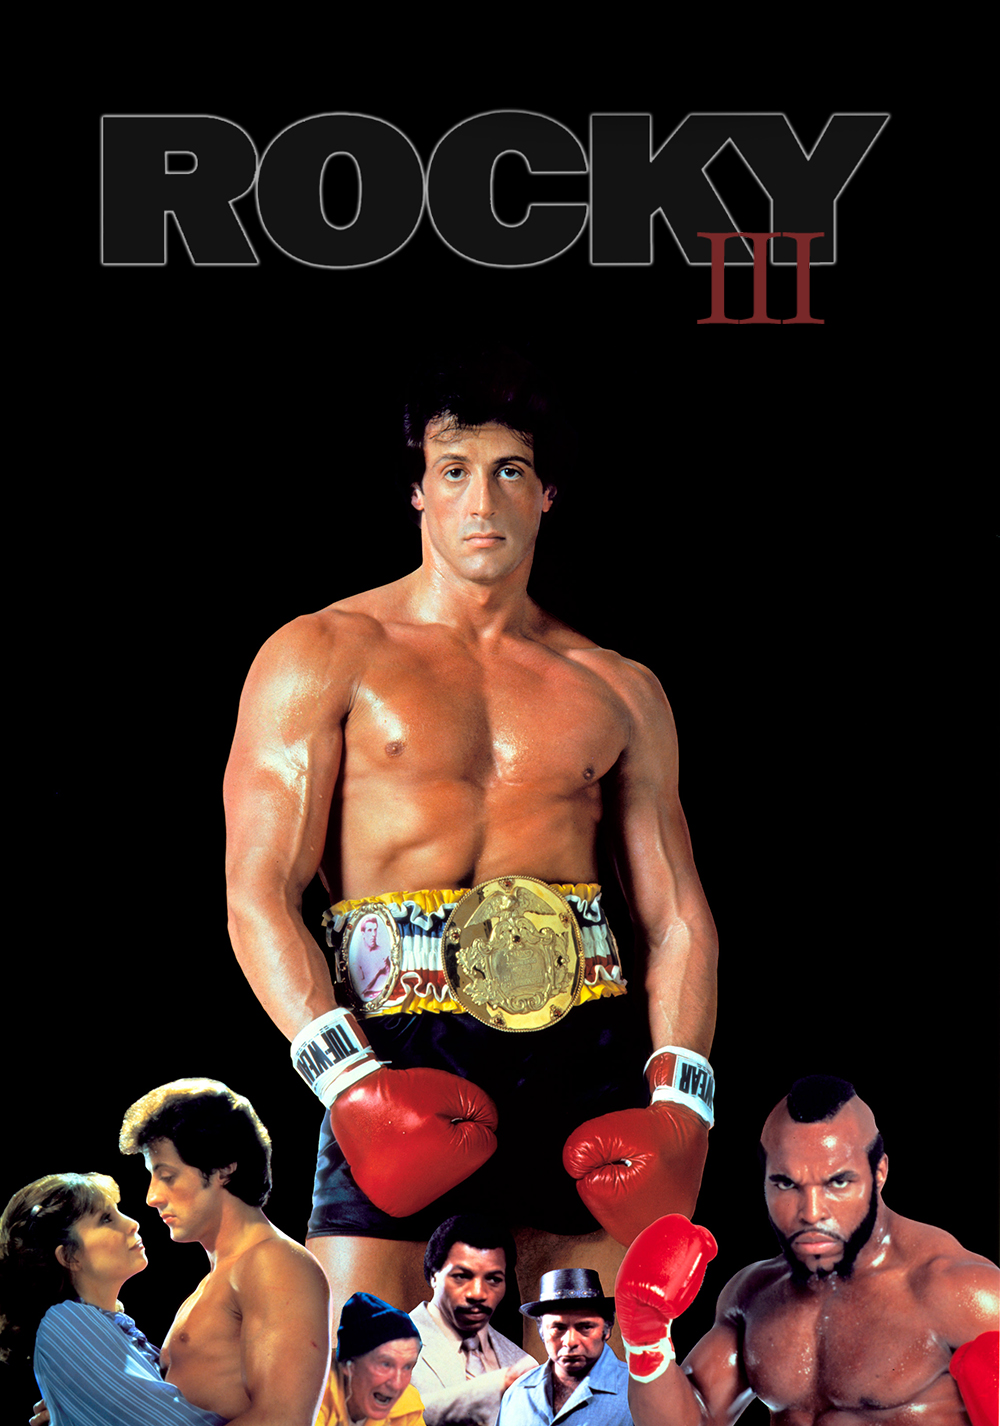 rocky 3 deutsch ganzer film